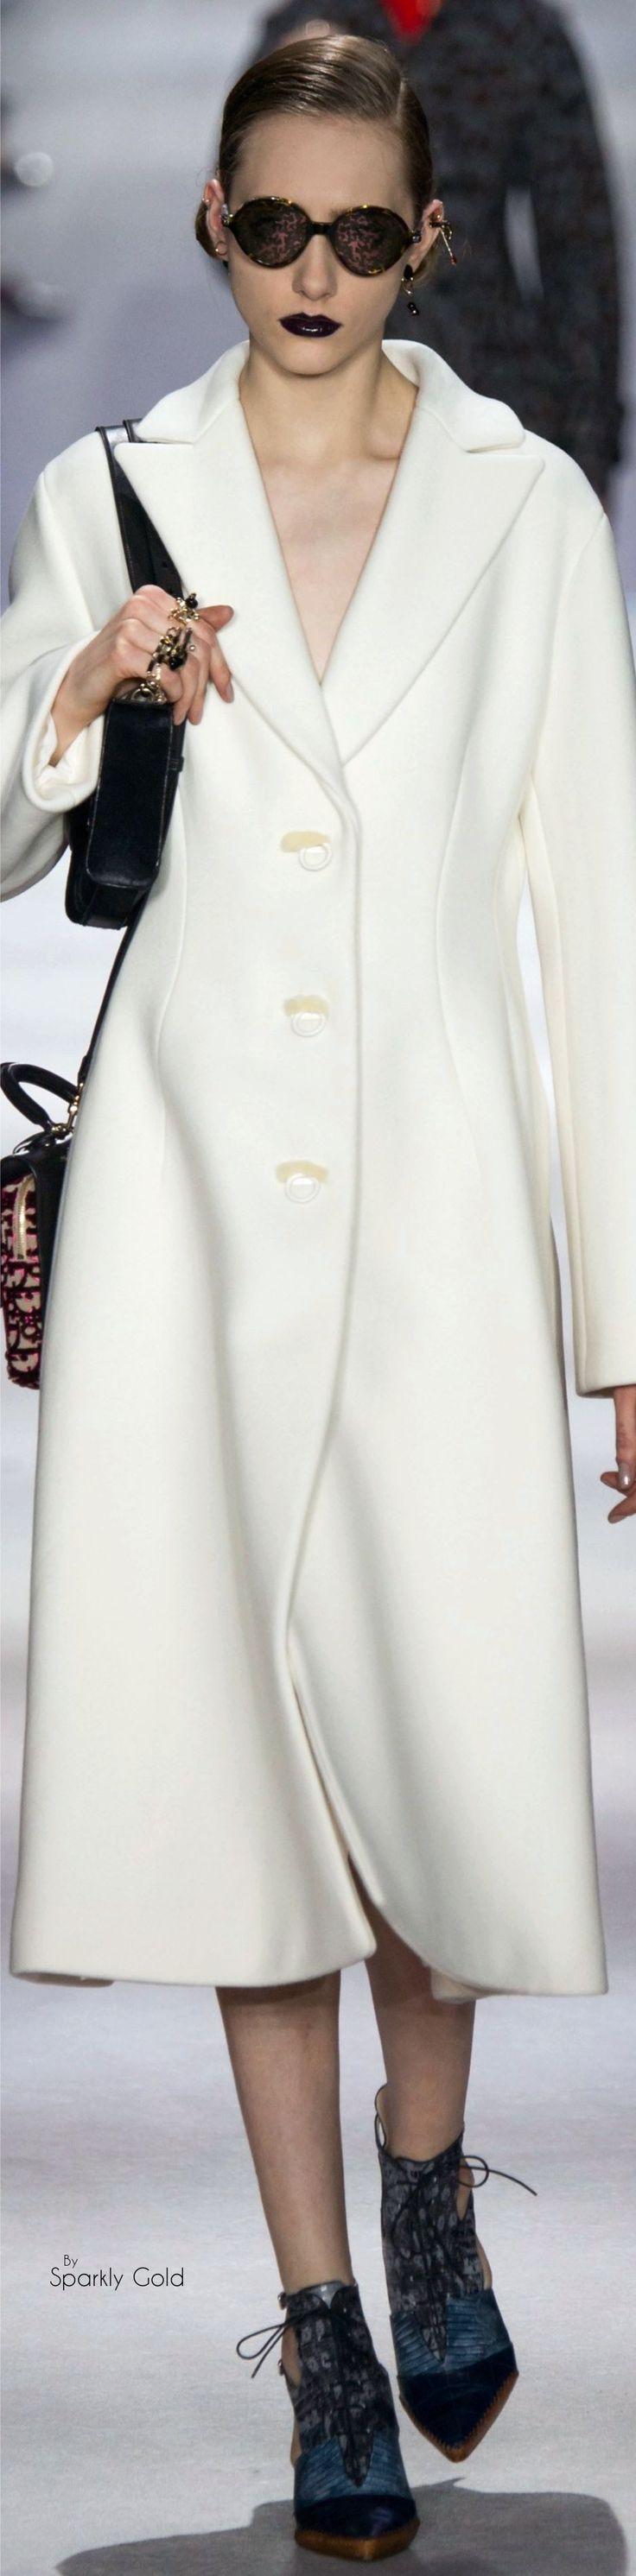 #Farbbberatung #Stilberatung #Farbenreich mit www.farben-reich.com Christian Dior Fall 2016 RTW